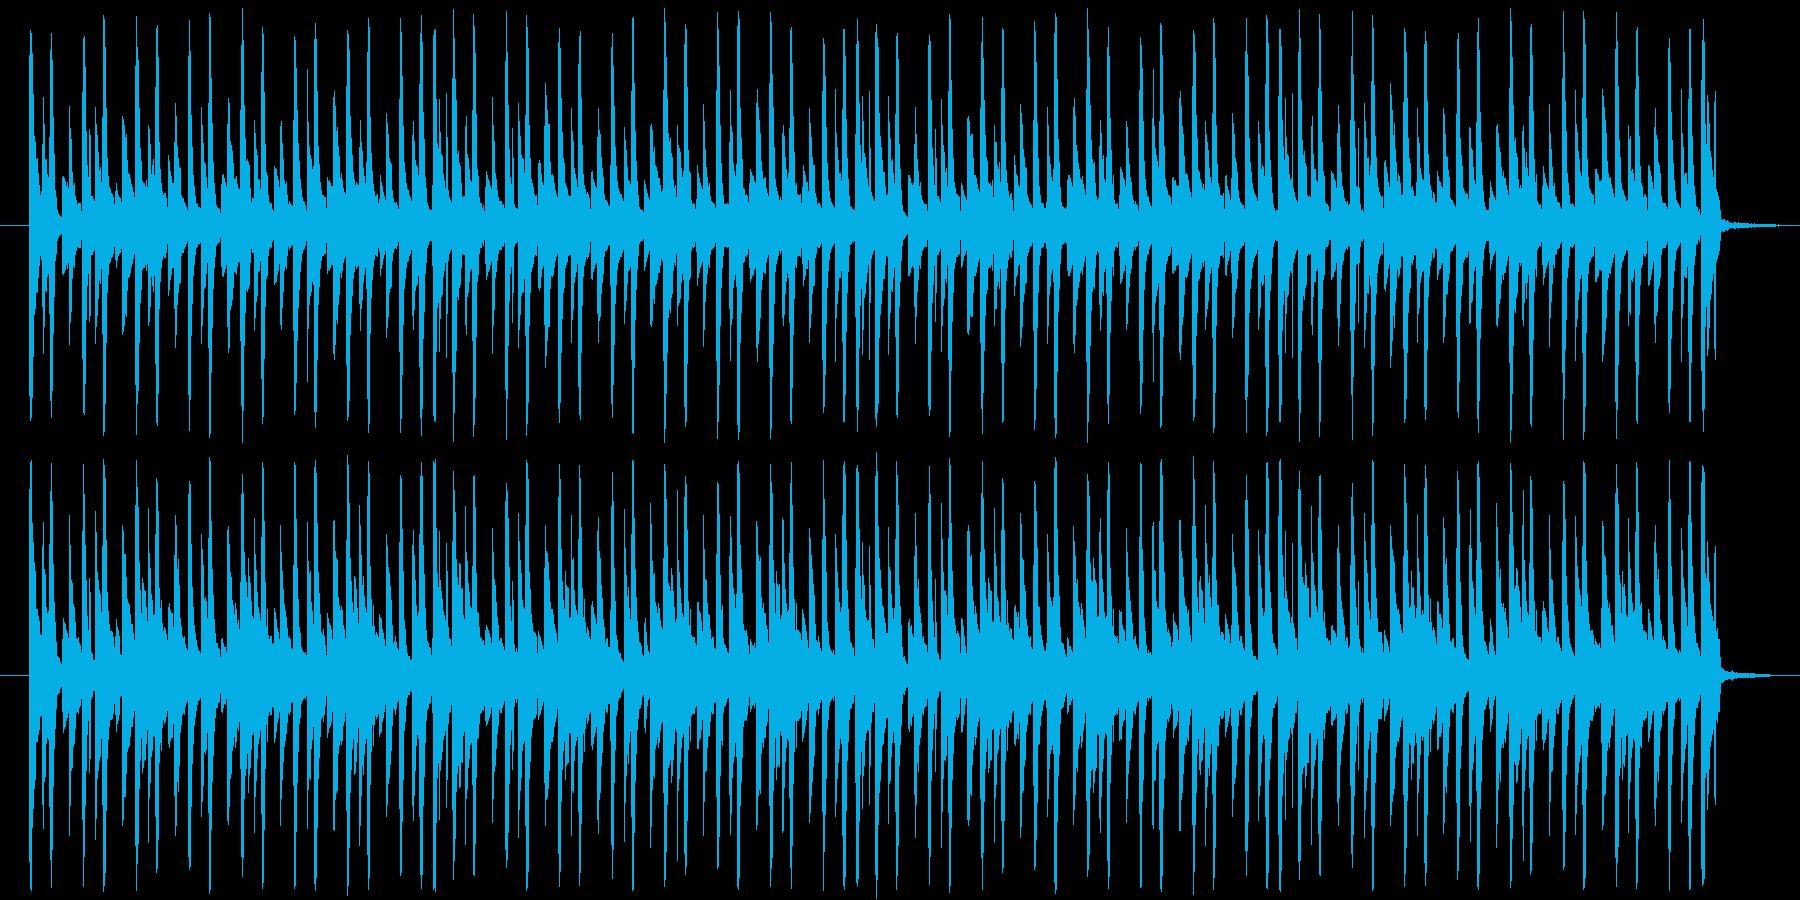 ループ素材です。チップチューン風となっ…の再生済みの波形